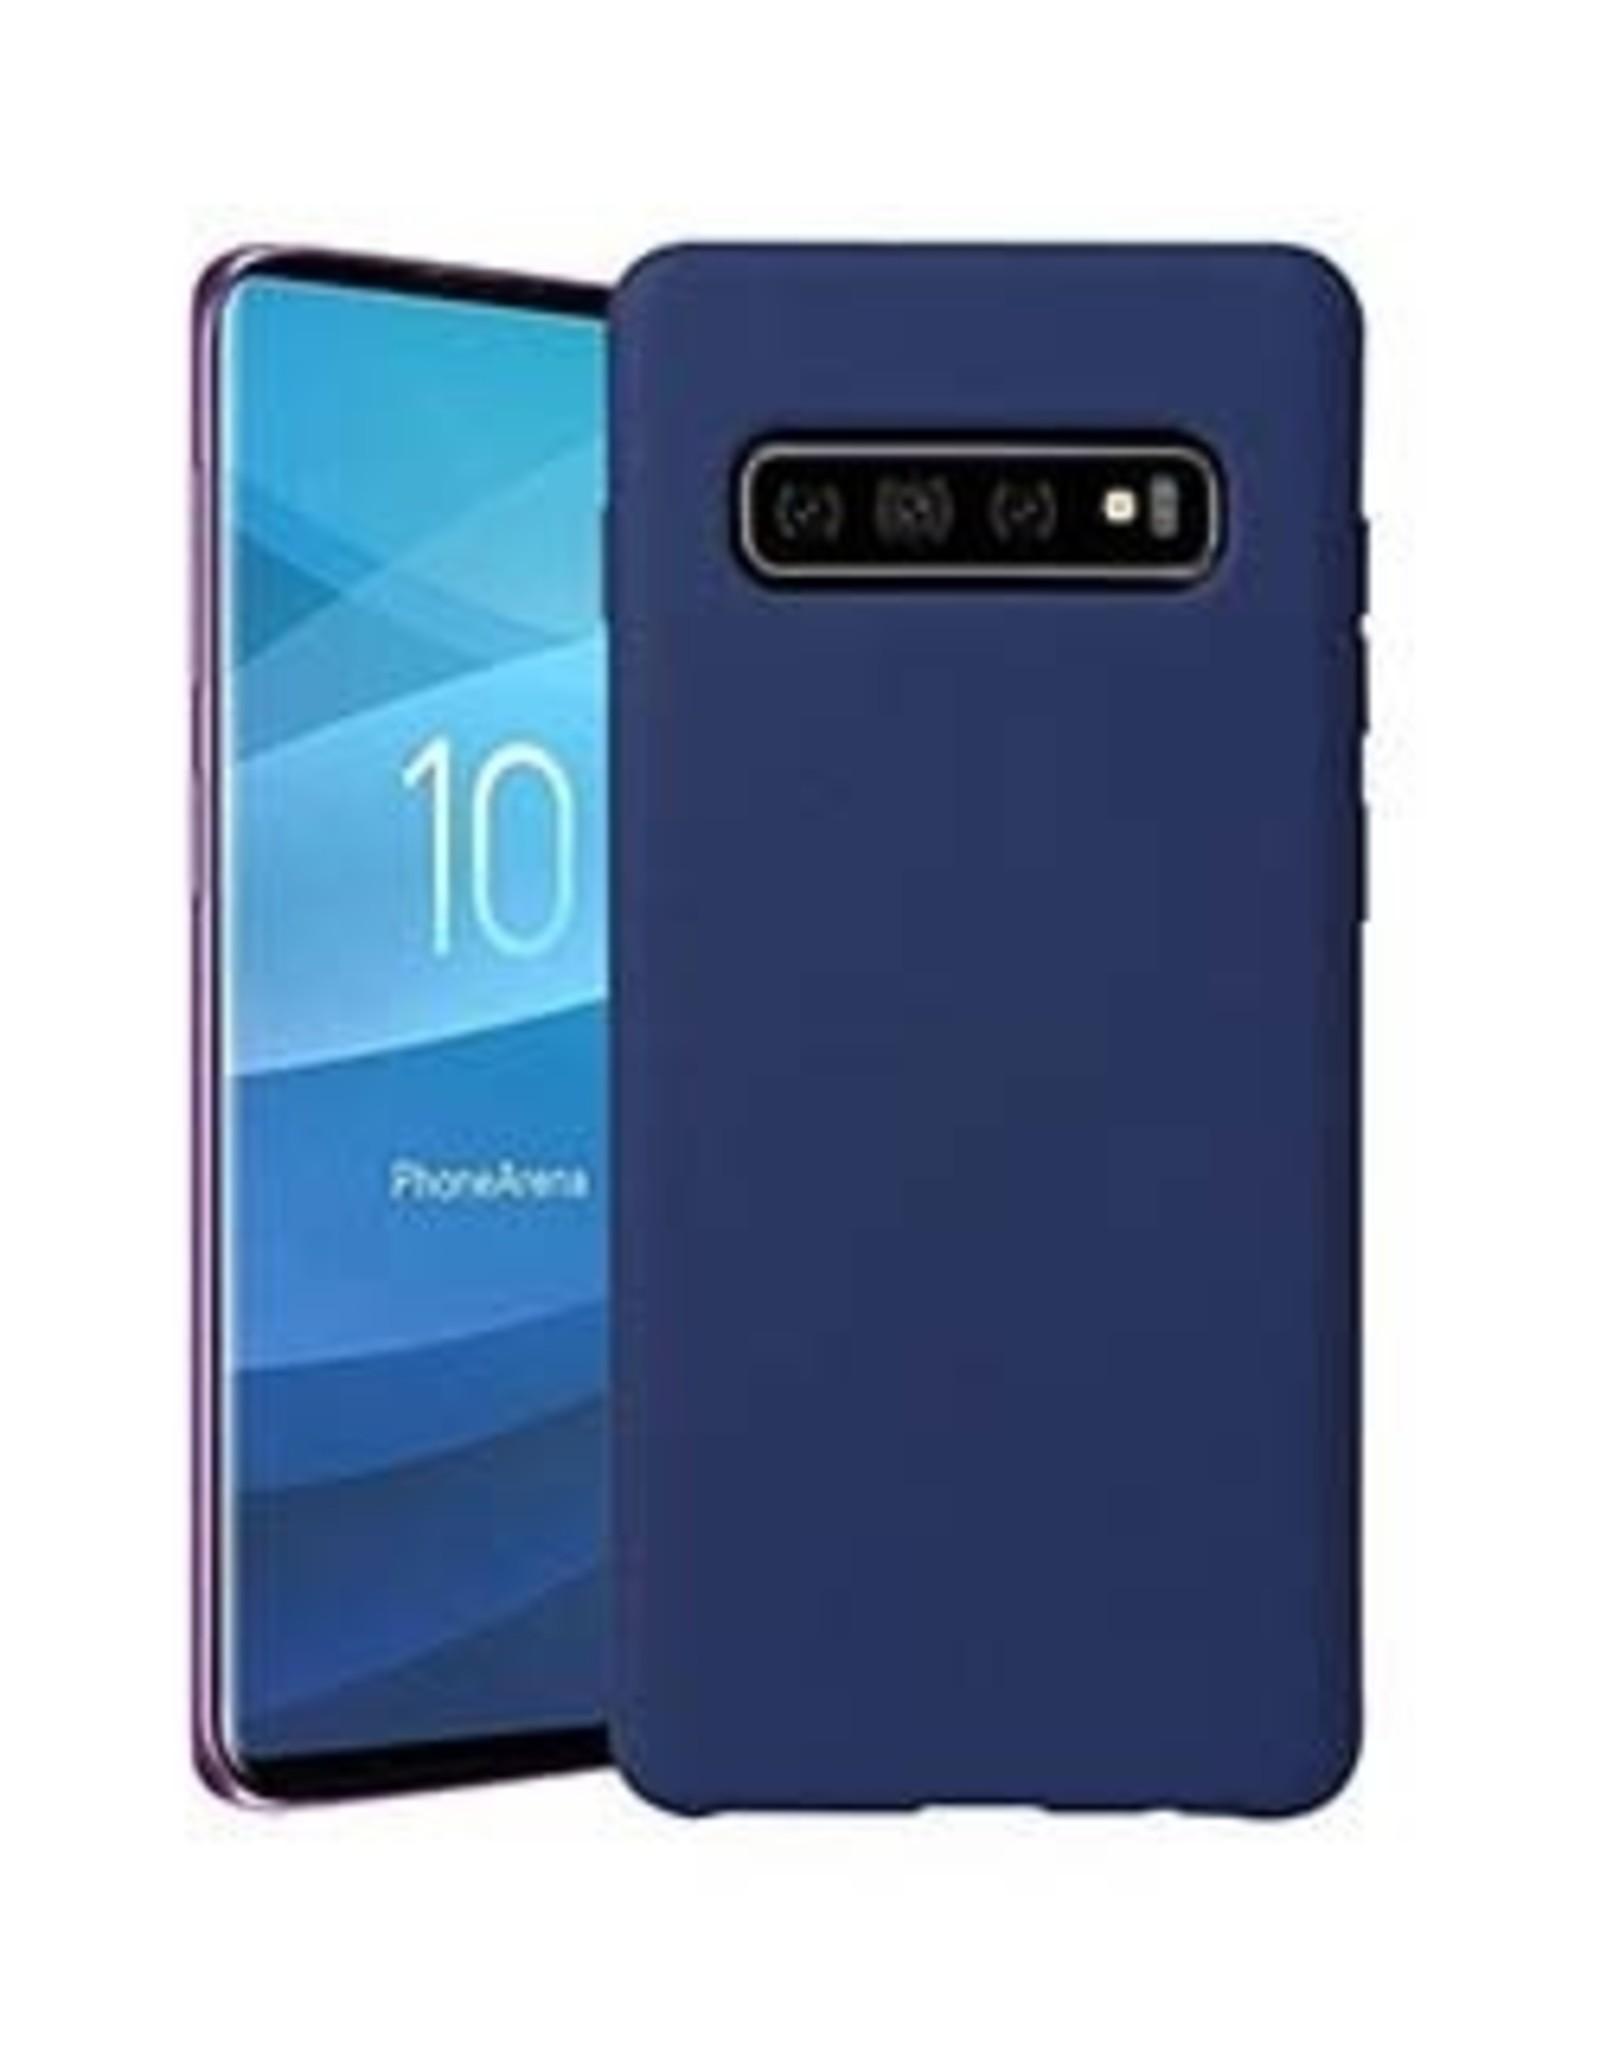 Uunique | Samsung Galaxy S10 Blue Liquid Silicone Case | 15-04651